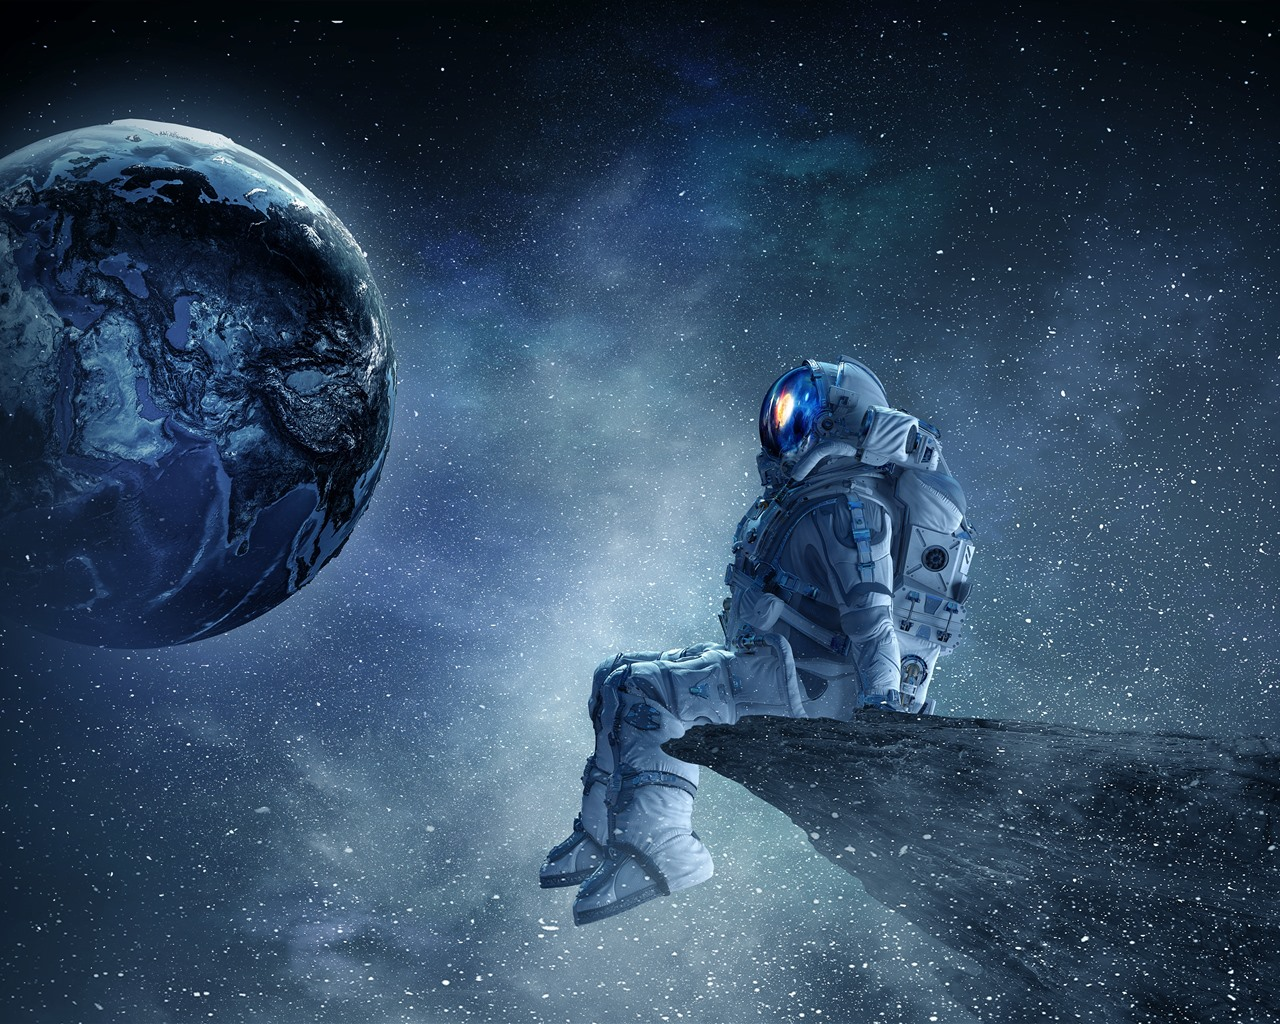 壁紙 宇宙飛行士 惑星 星 美しい空間 3840x2160 Uhd 4k 無料のデスクトップの背景 画像